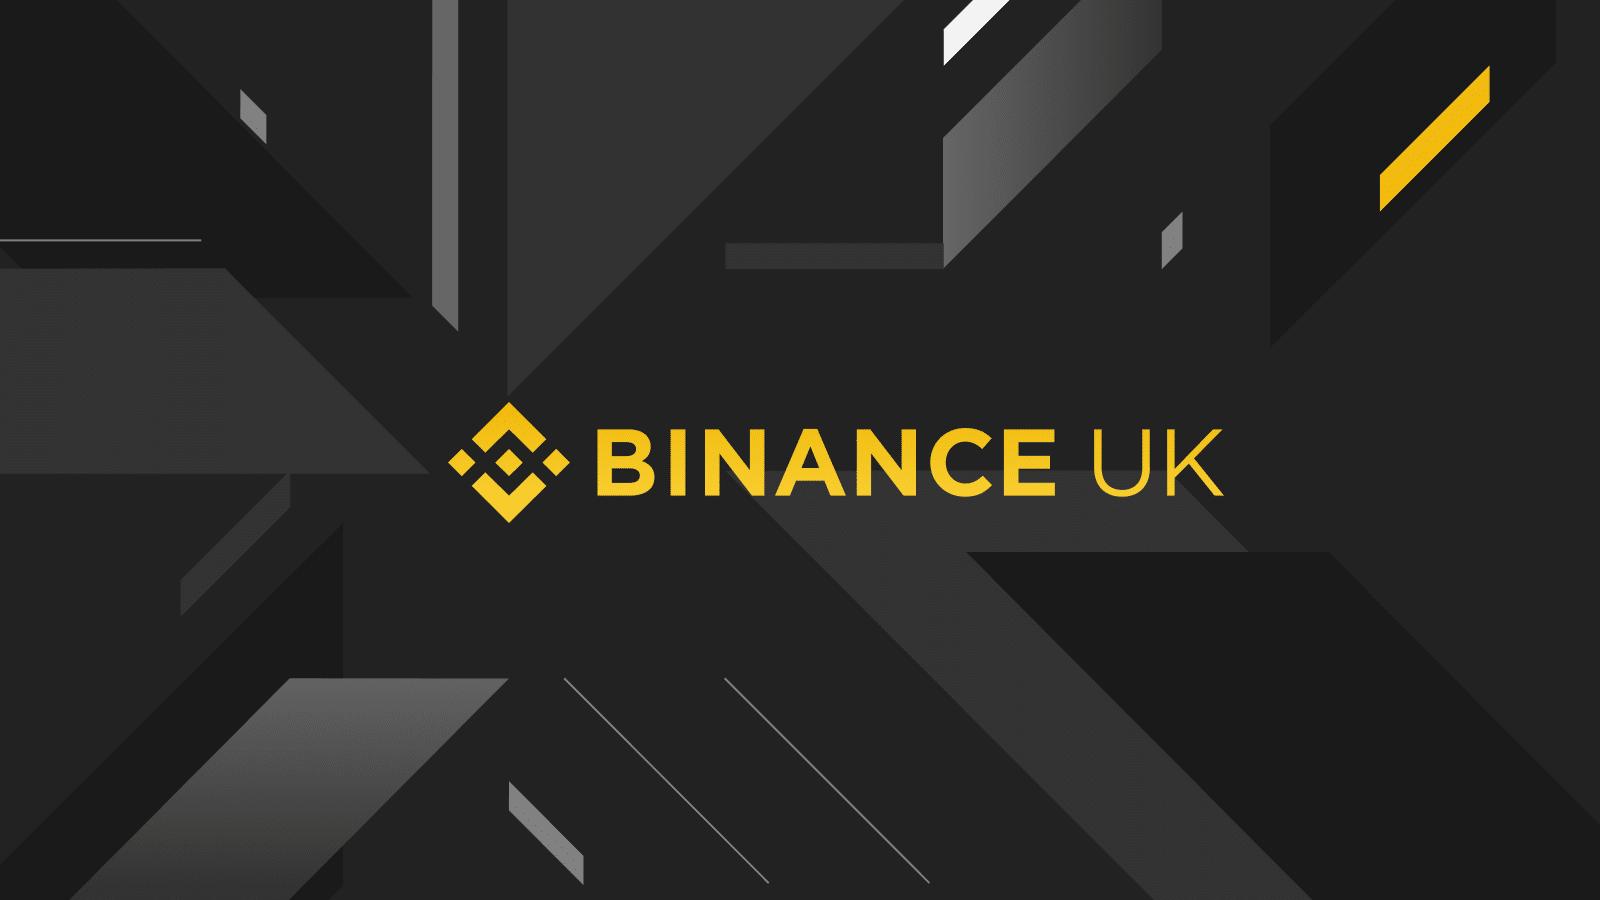 Binance amplia operações de negociação de criptomoedas para o Reino Unido